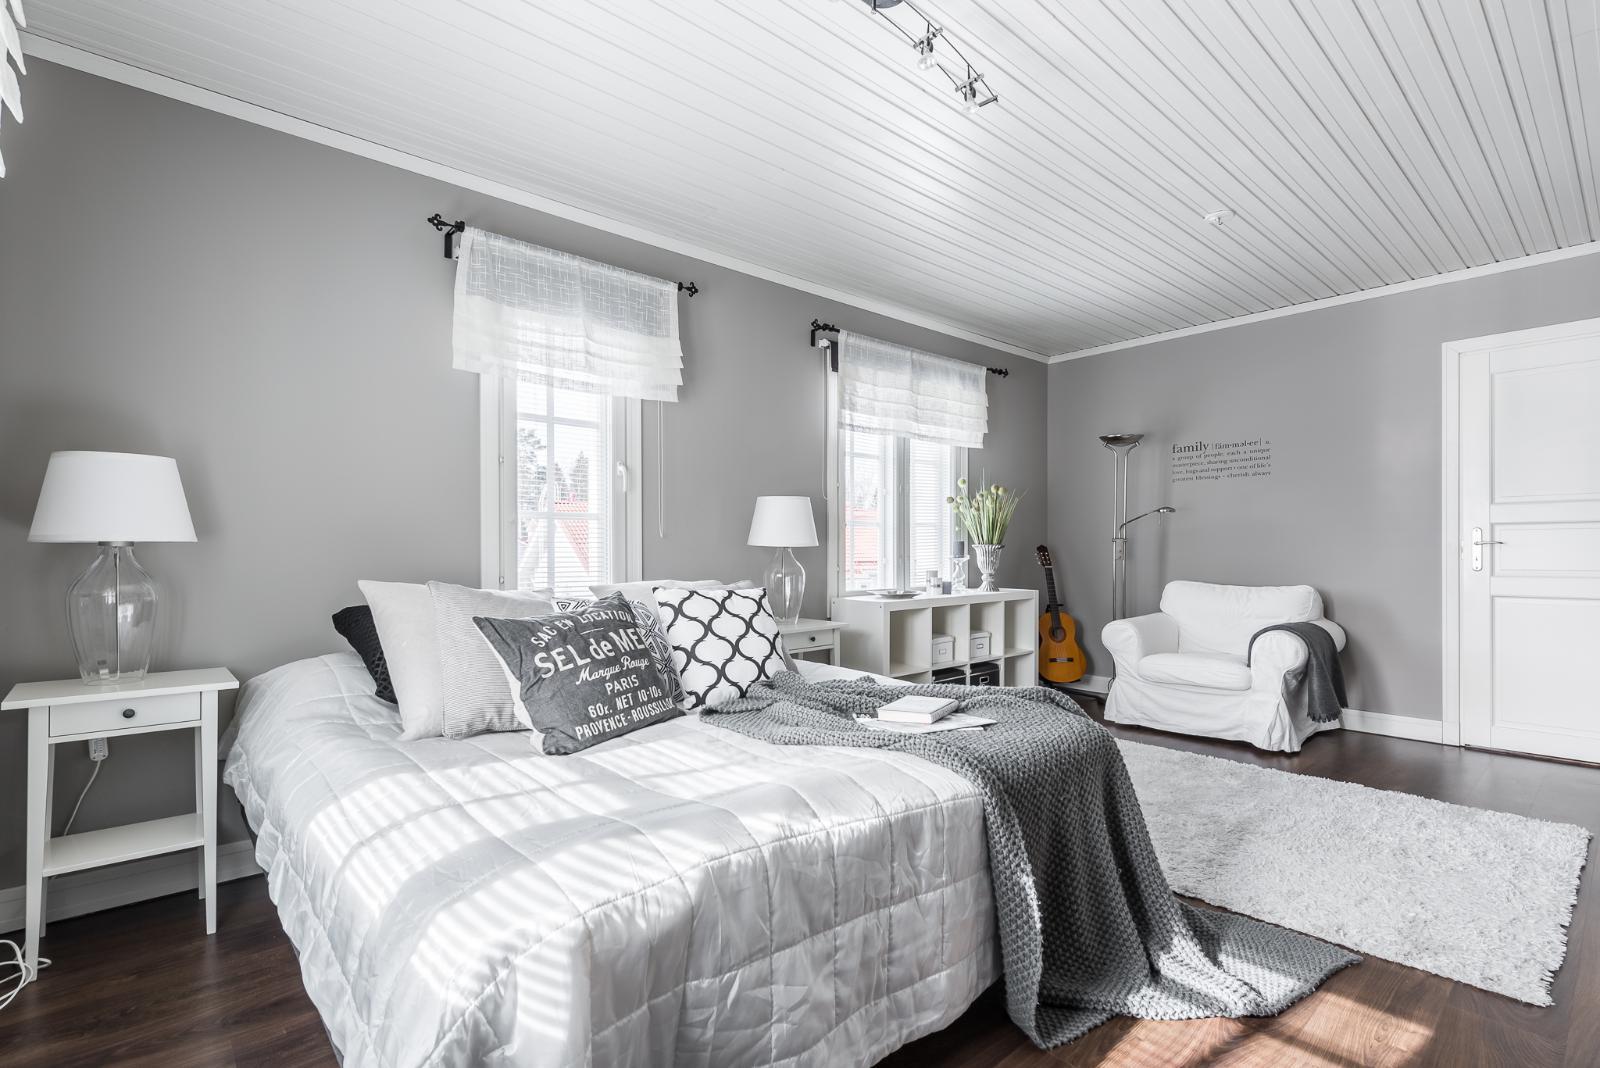 Maalaisromanttinen makuuhuone  Etuovi com Ideat & vinkit